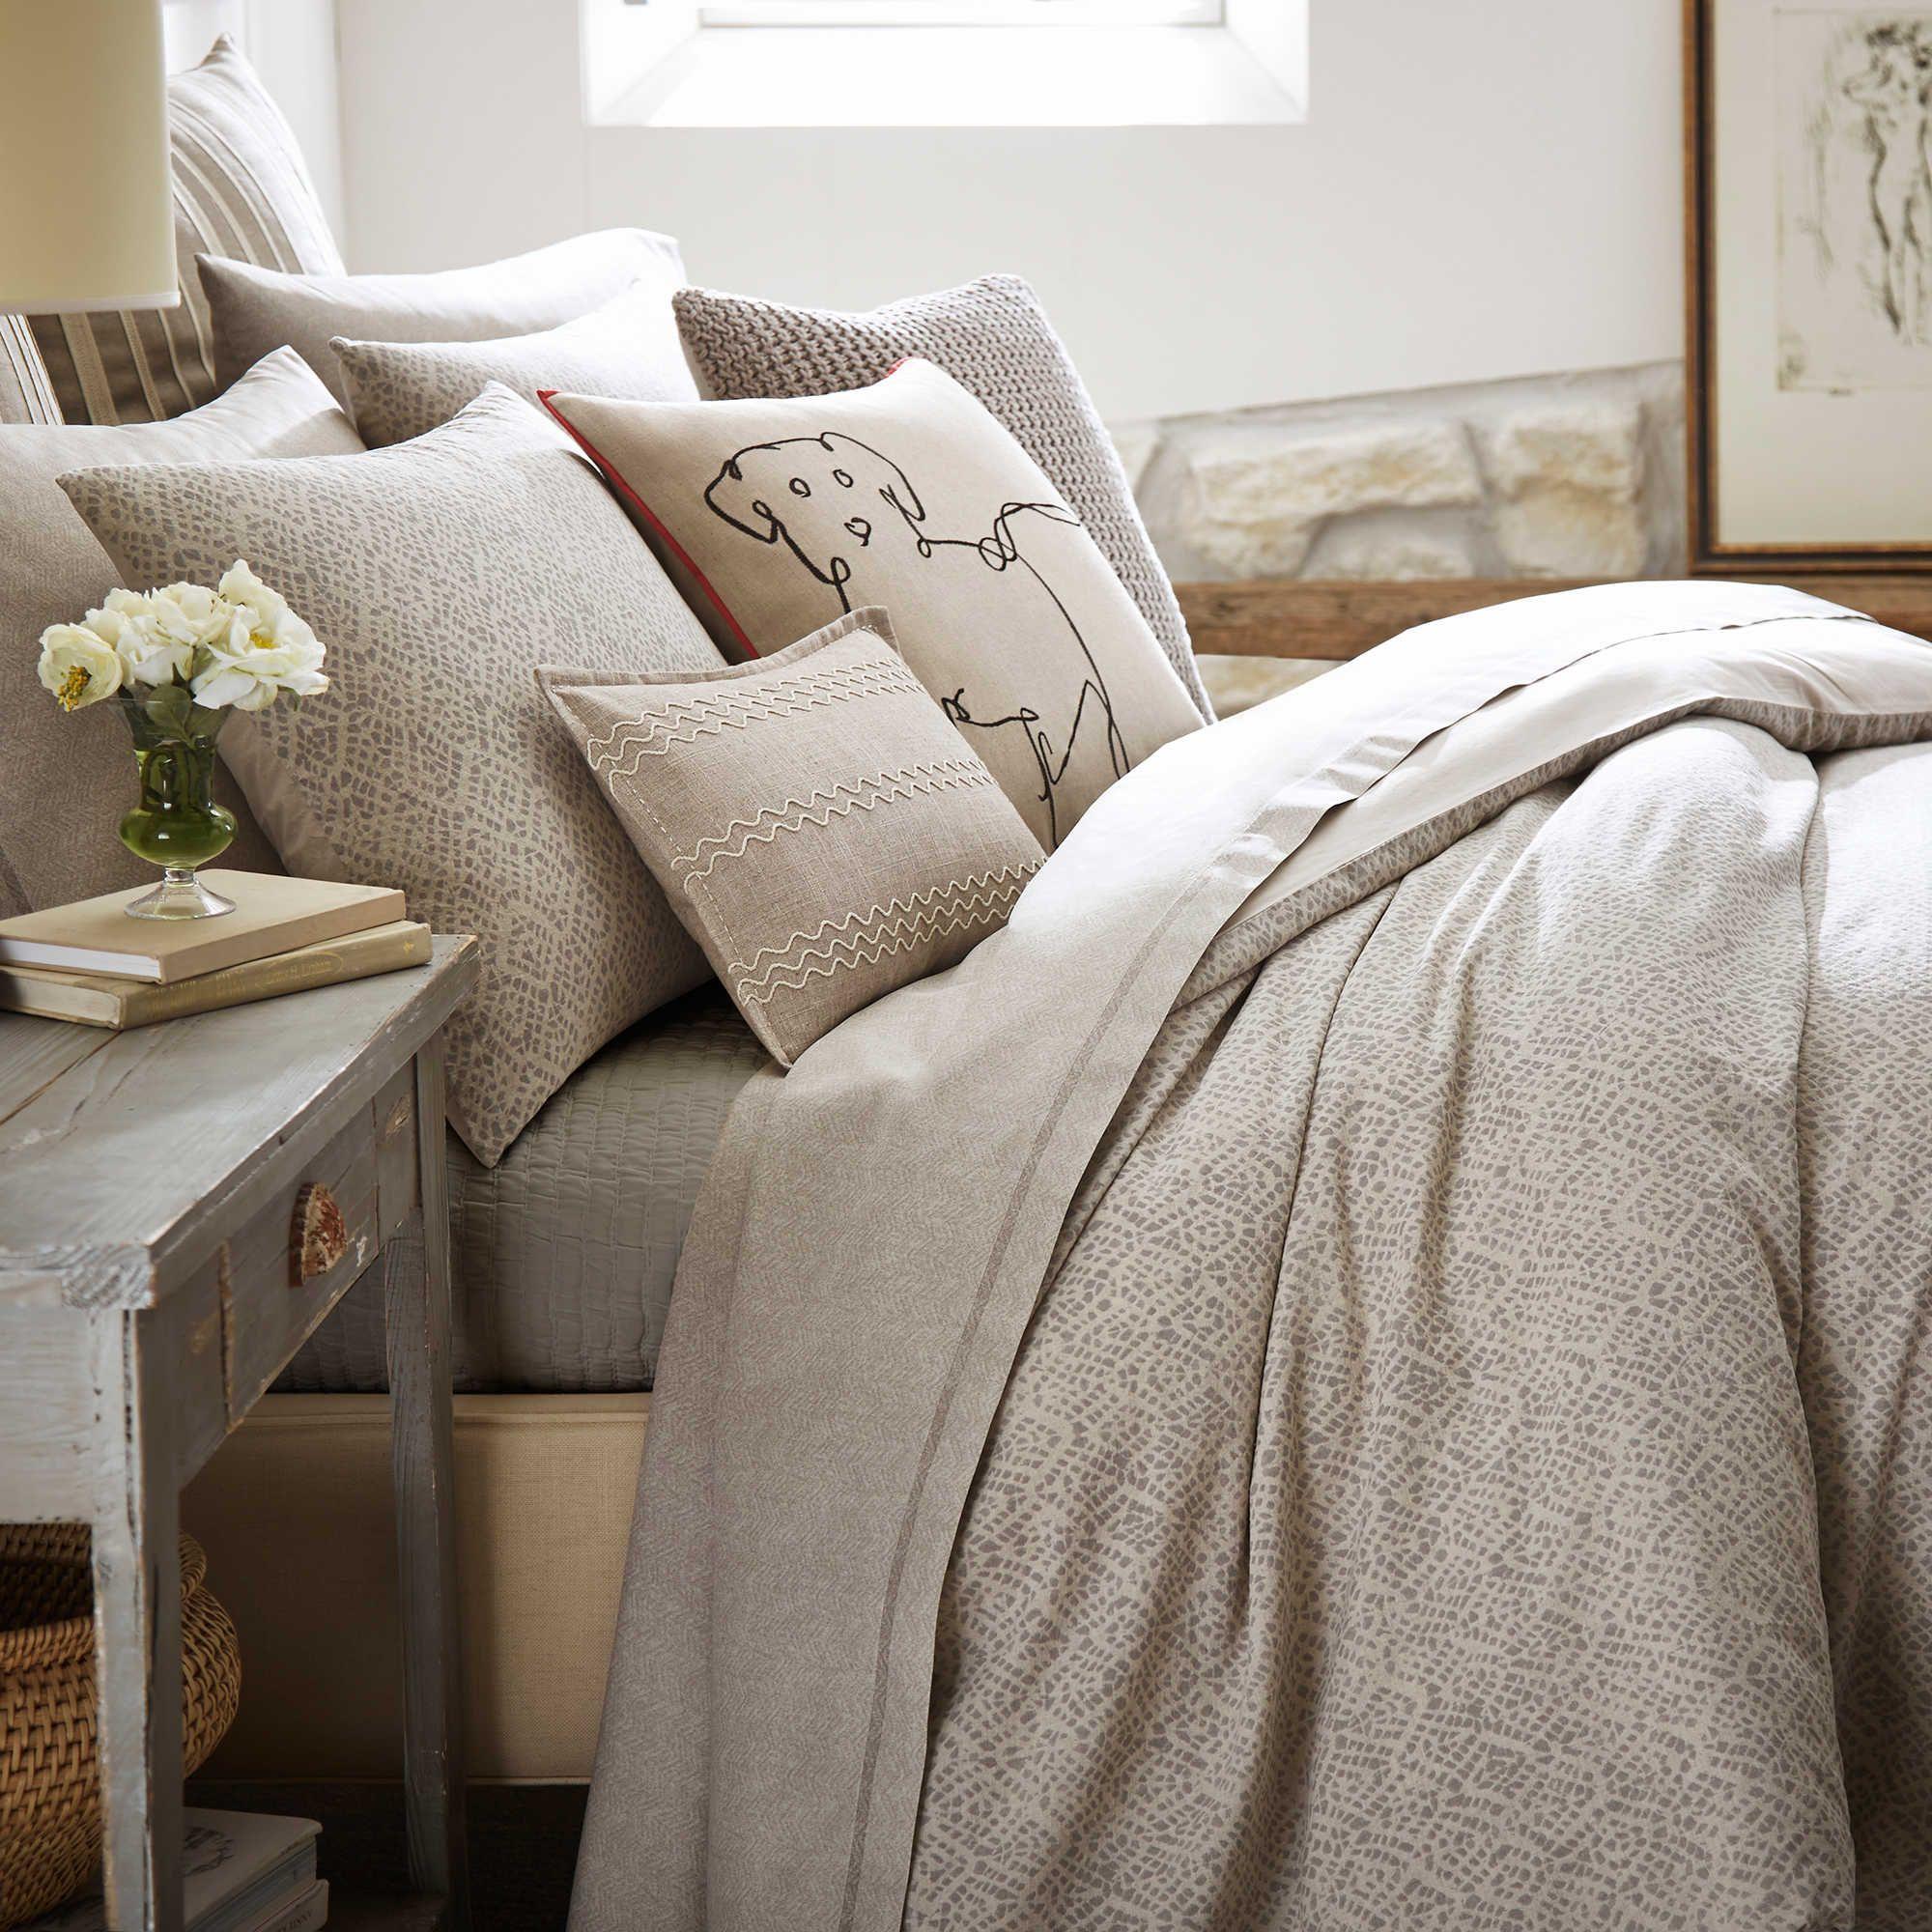 Ed Ellen Degeneres Mosaic Tile Duvet Cover In Beige Bed Linens